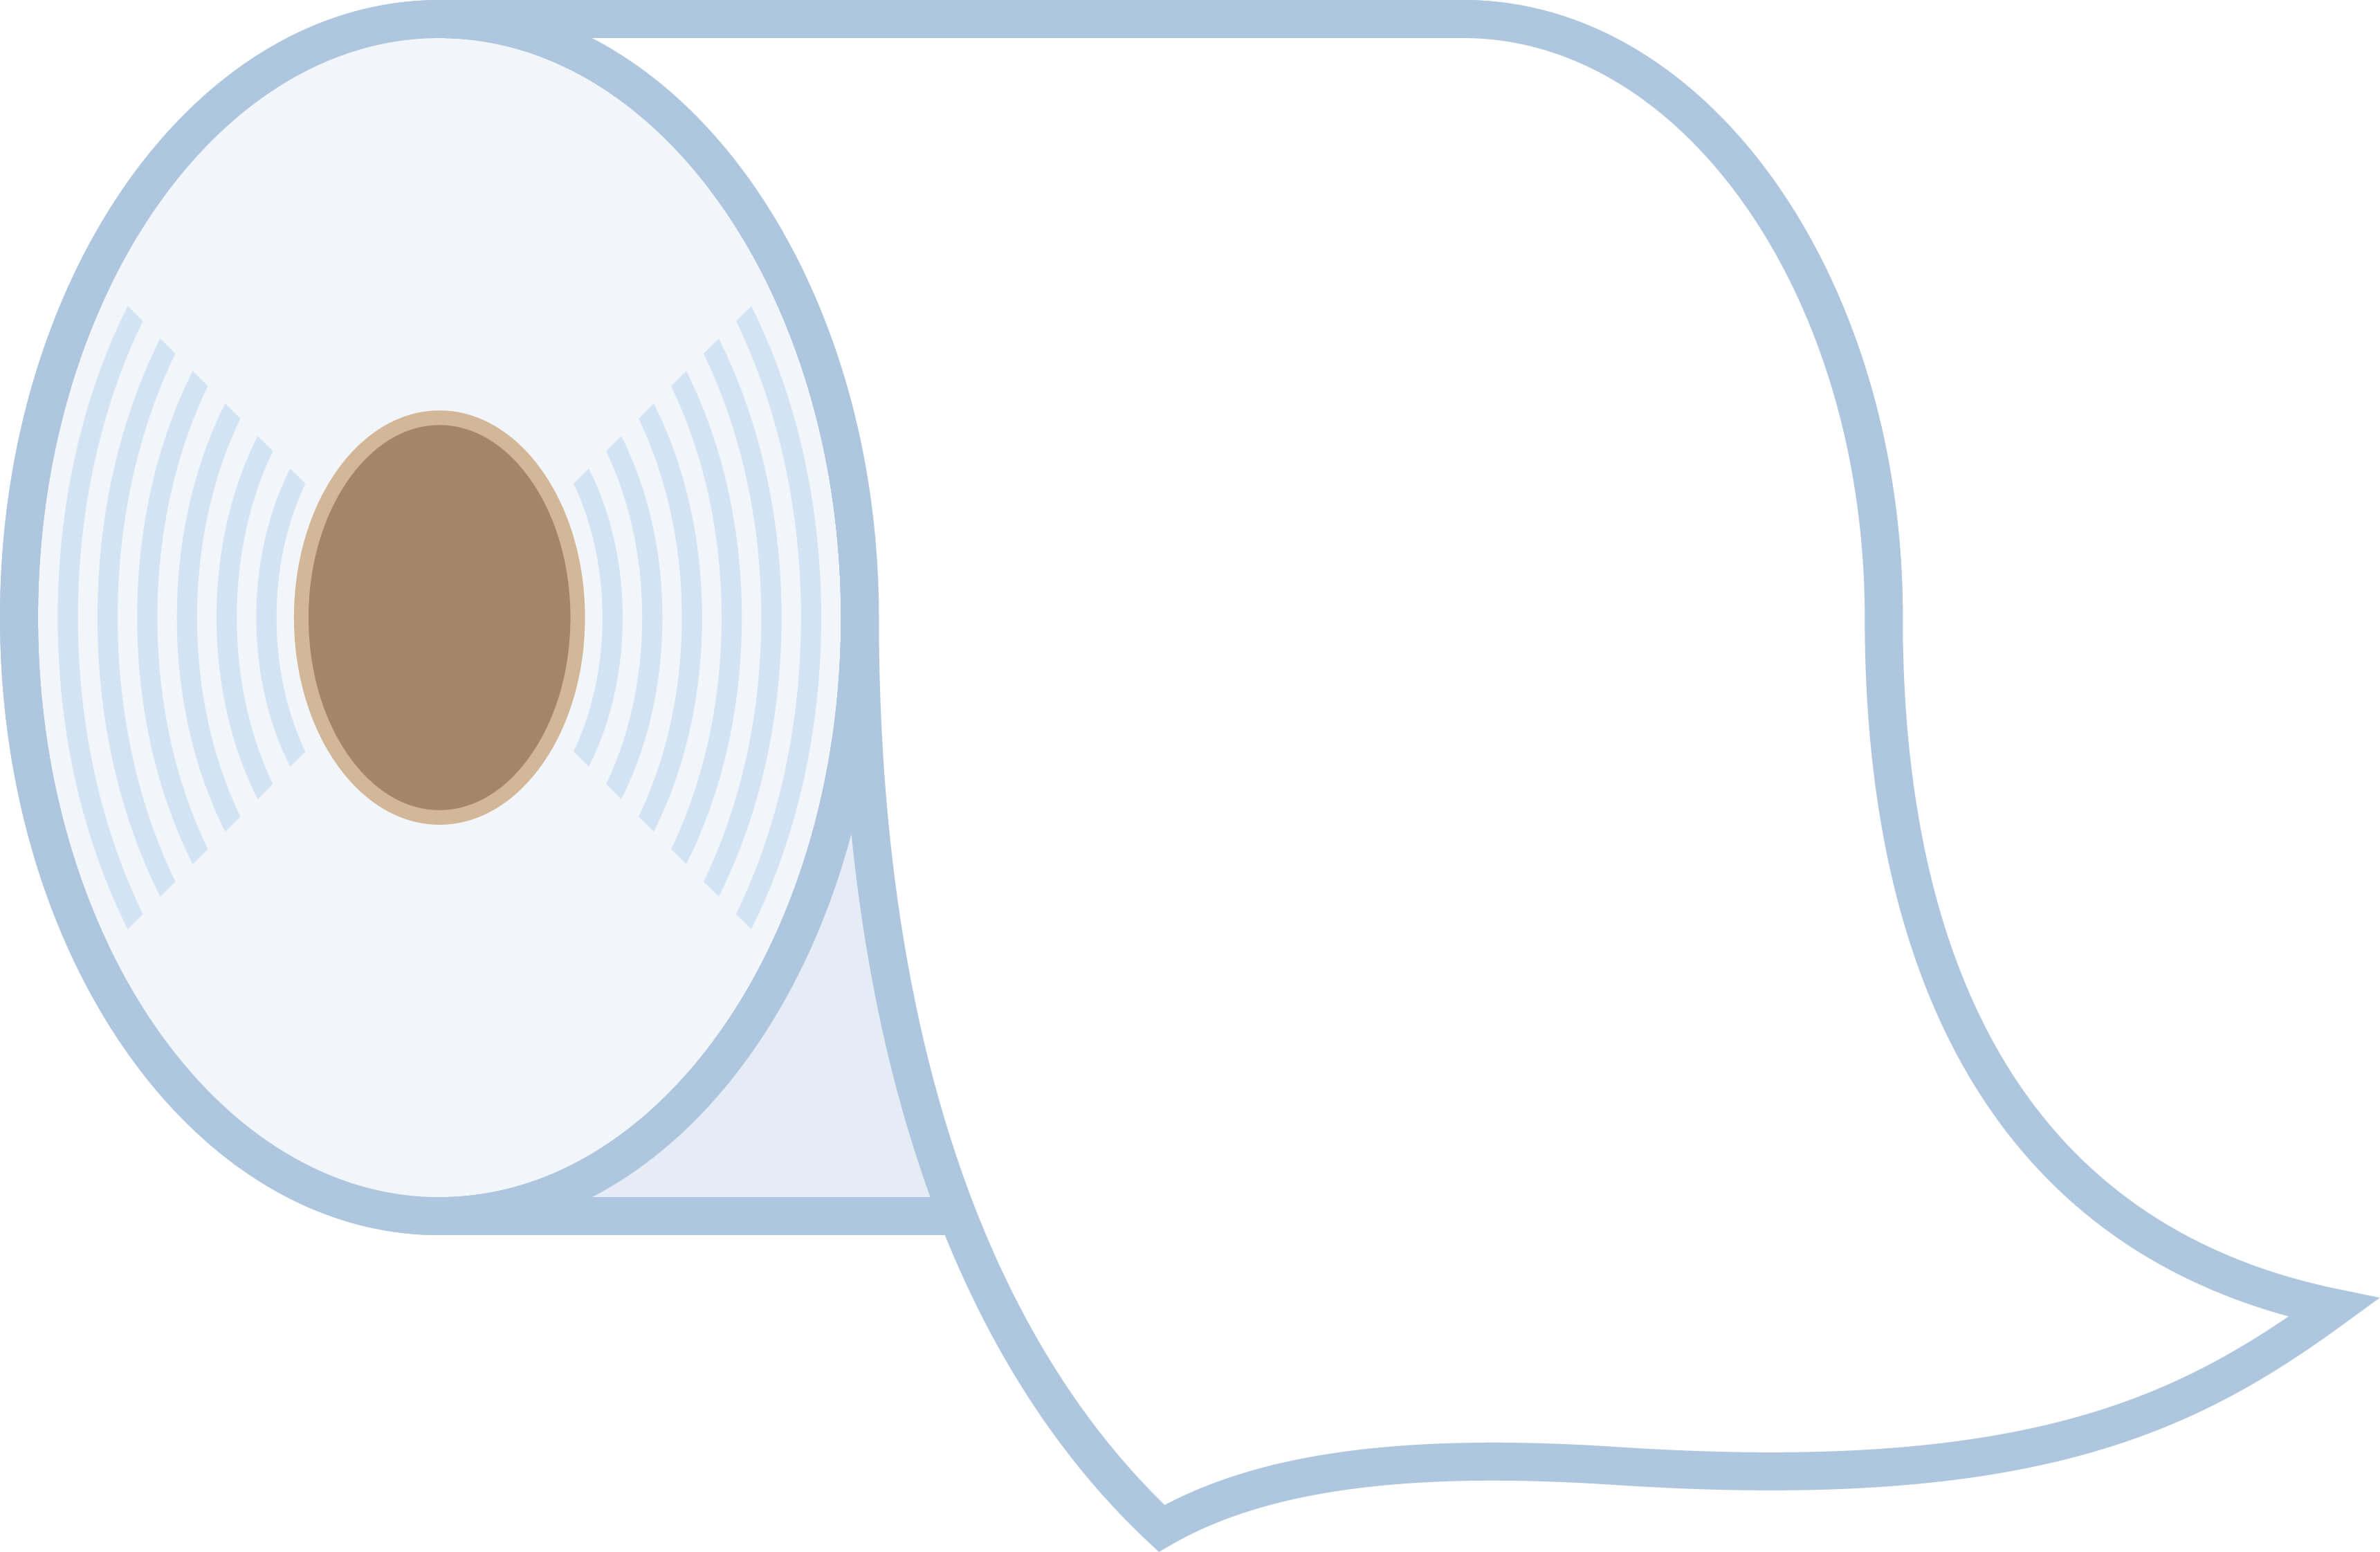 トイレットペーパーが詰まる